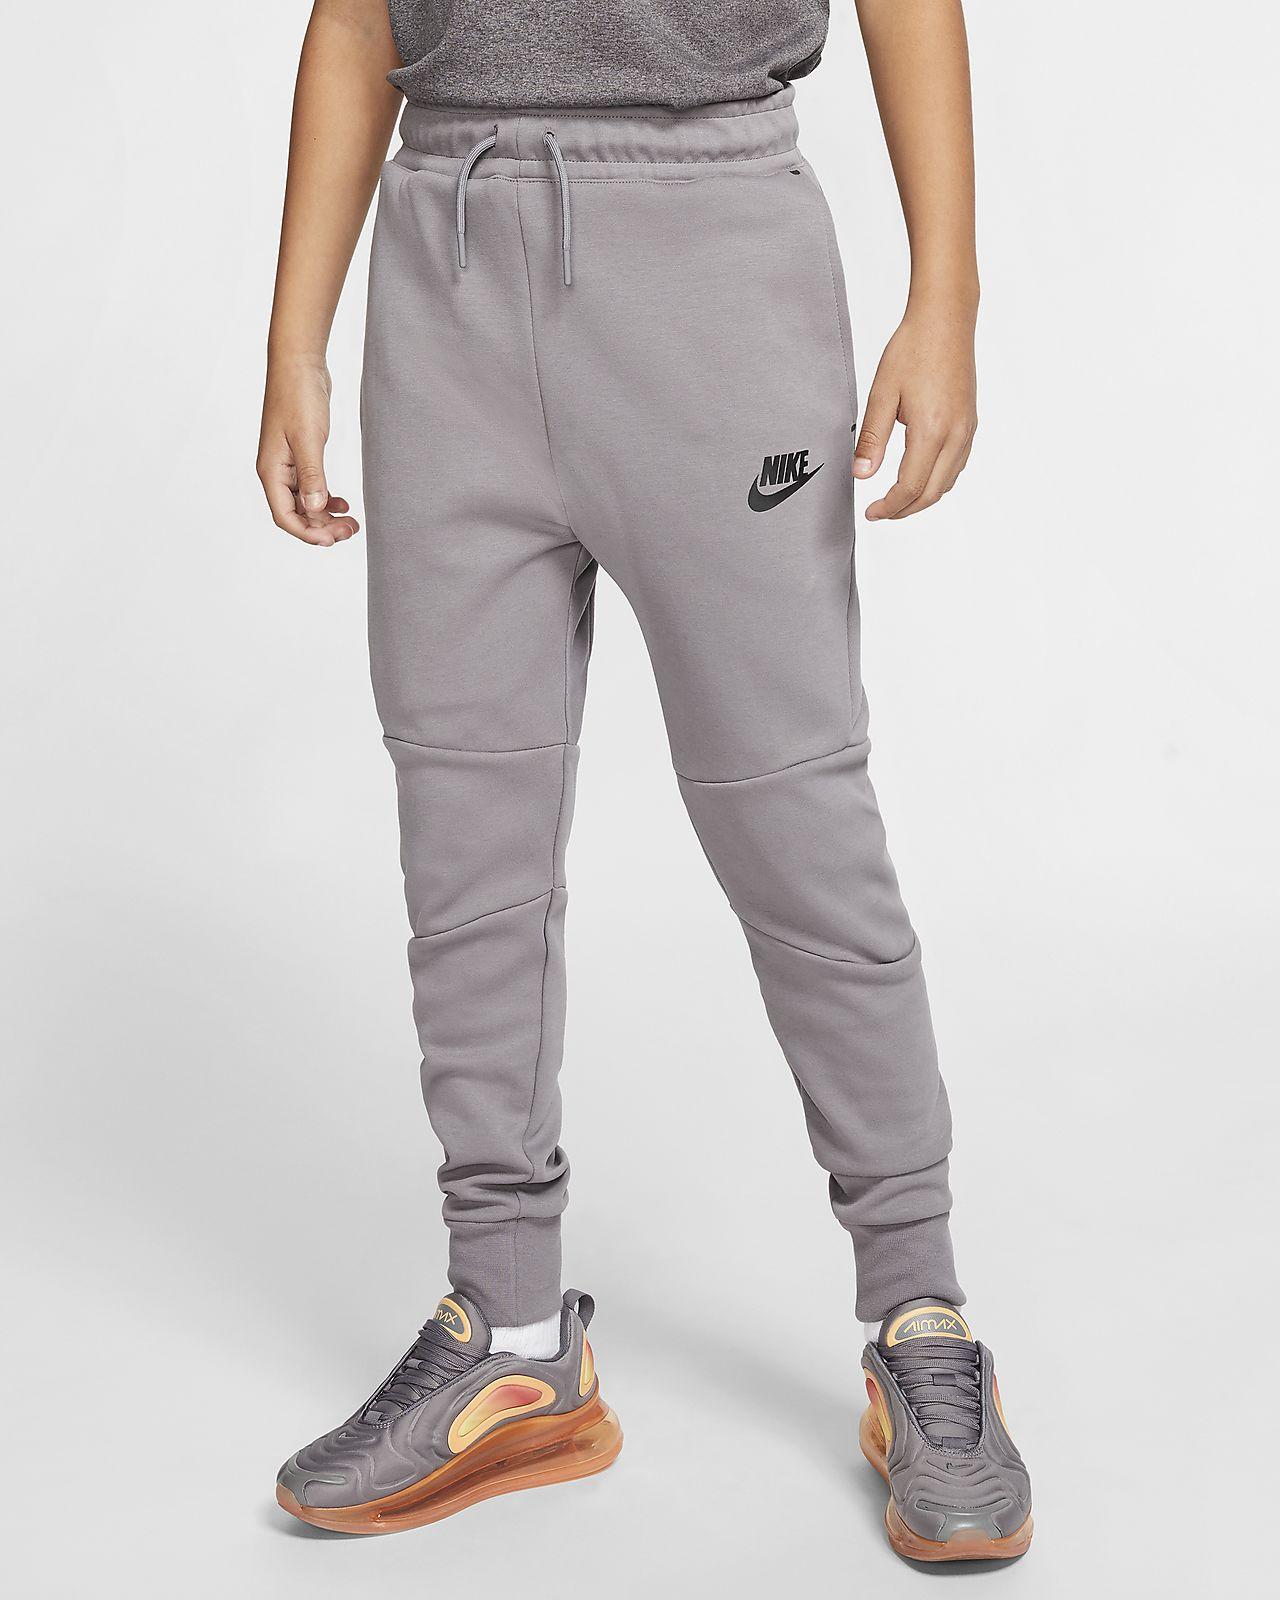 Spodnie Tech Fleece dla dużych dzieci Nike Sportswear